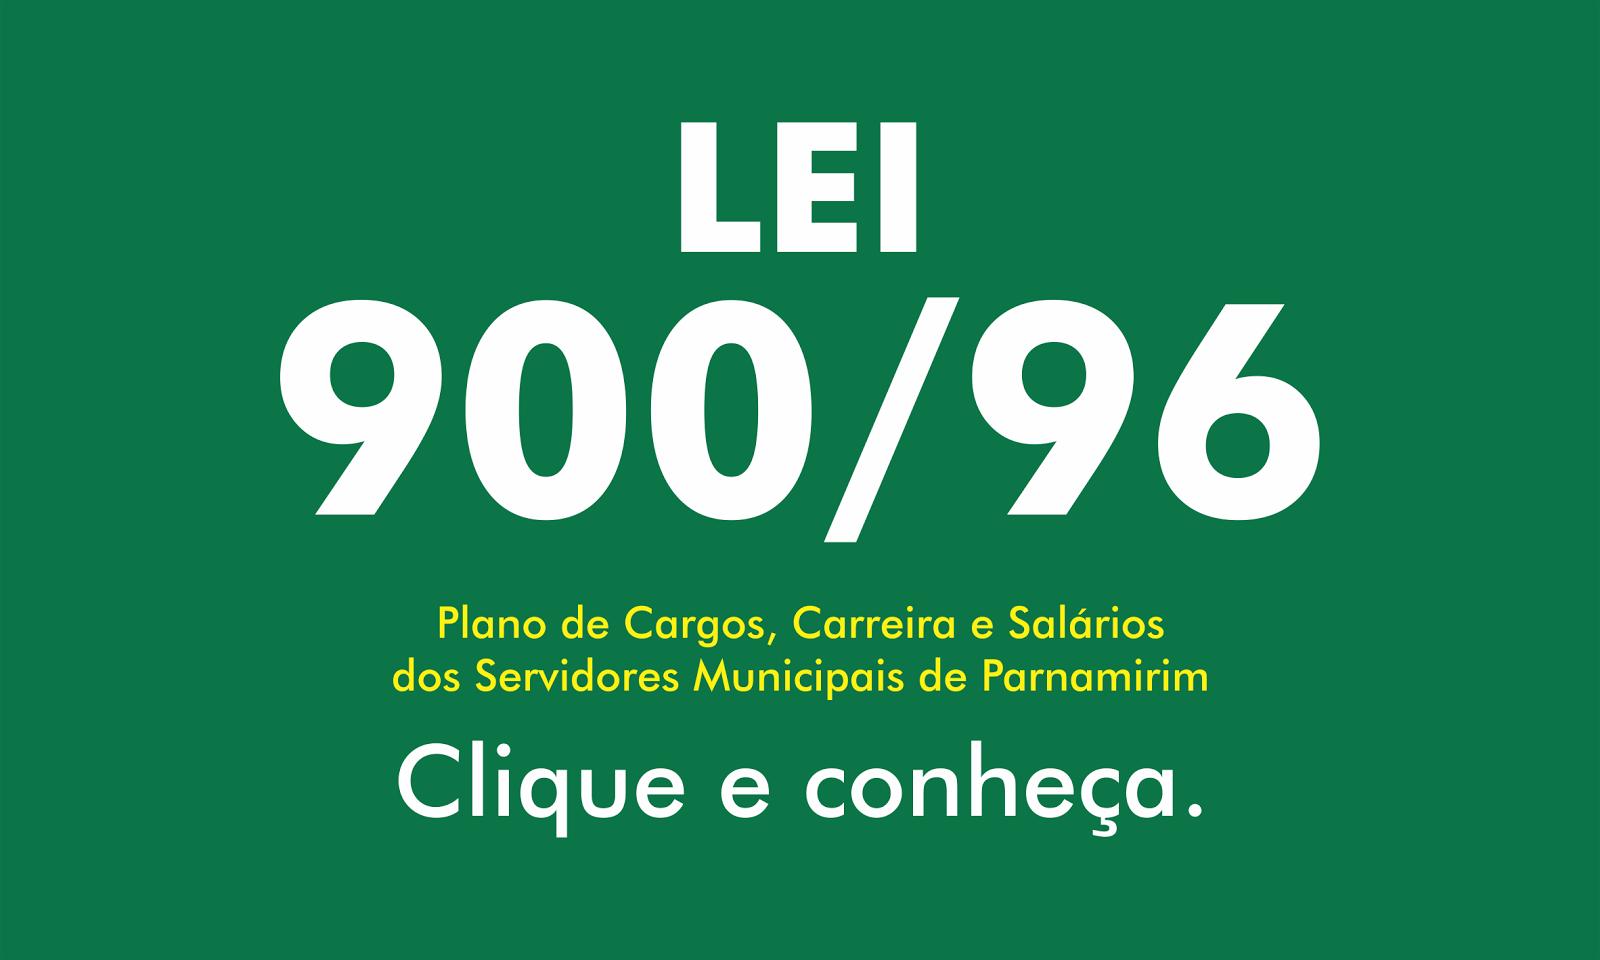 CONHEÇA A LEI